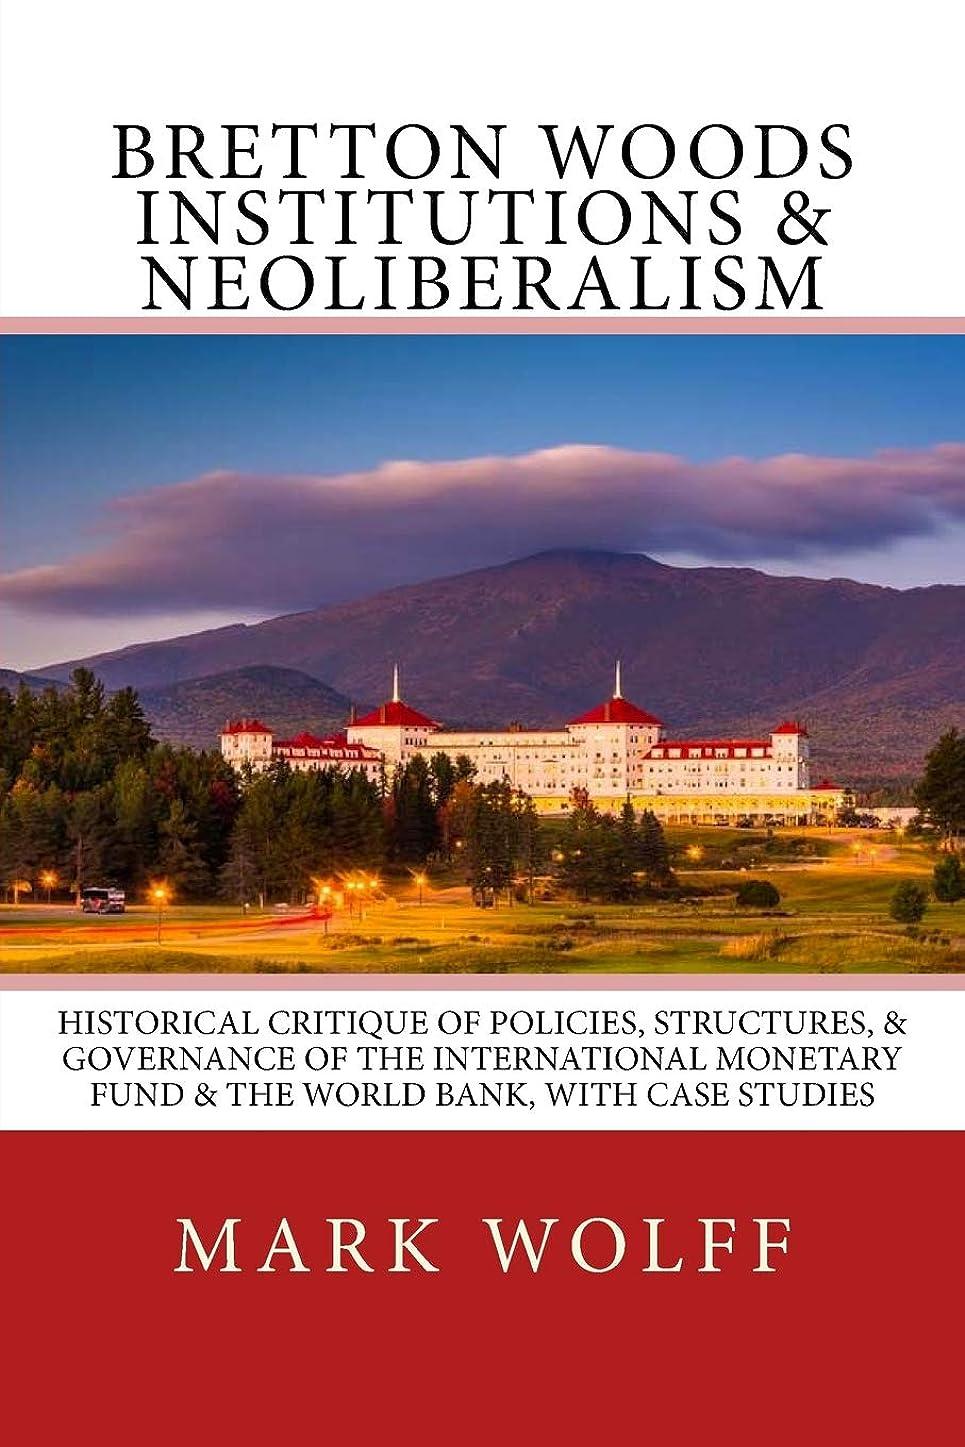 主そこからジャンクBretton Woods Institutions & Neoliberalism: Historical Critique of Policies, Structures, & Governance of the International Monetary Fund & the World Bank, with Case Studies